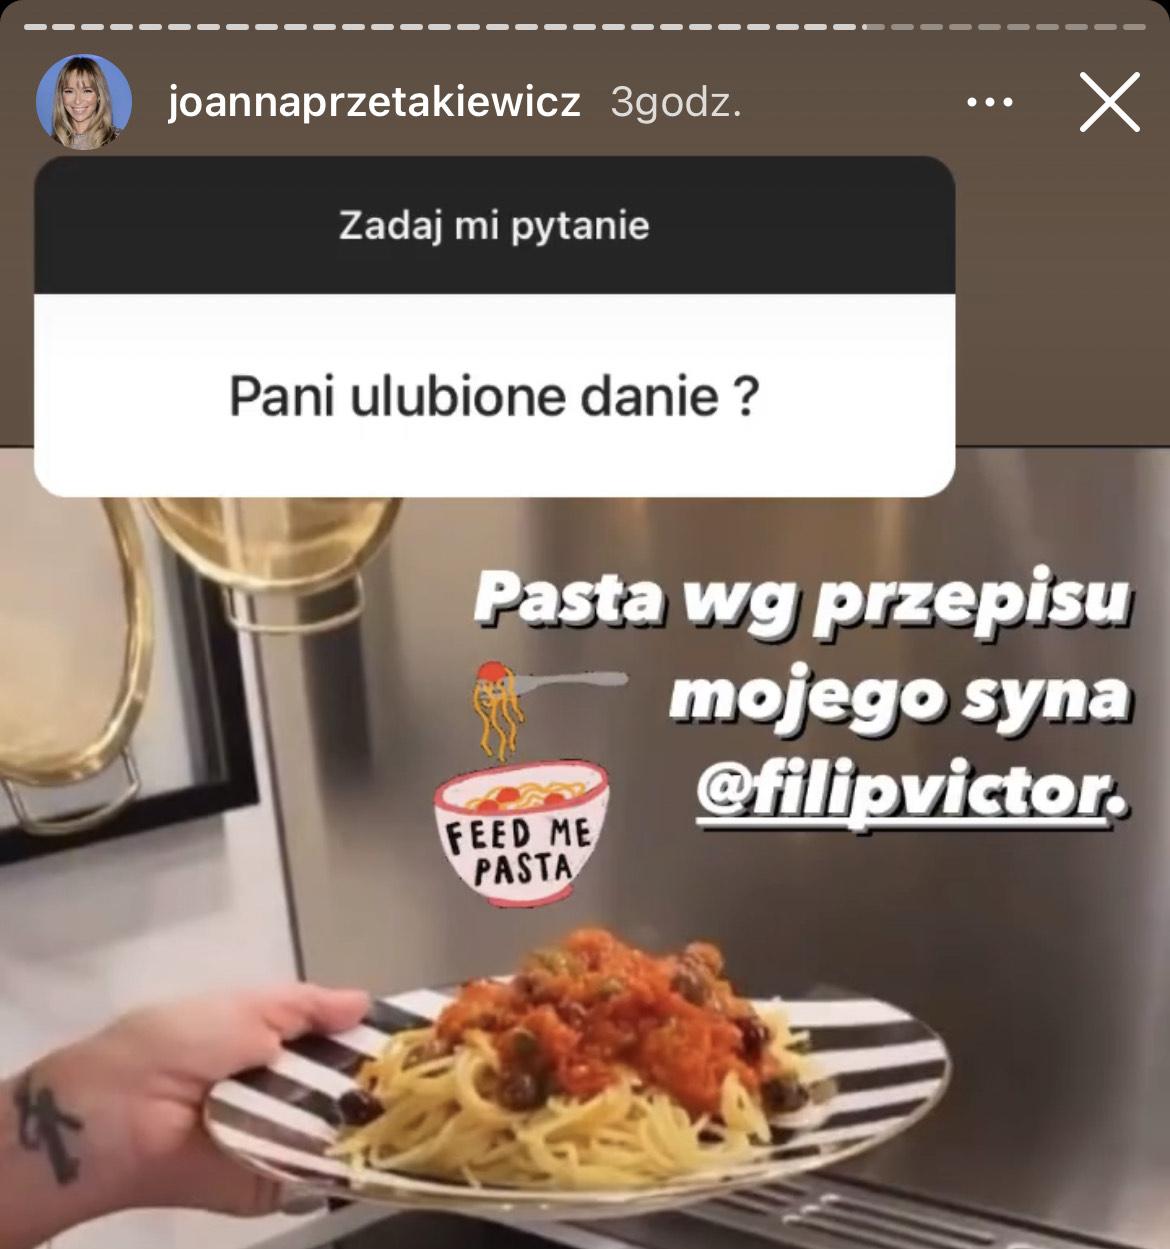 Joanna Przetakiewicz zdradziła, swoje ulubione danie